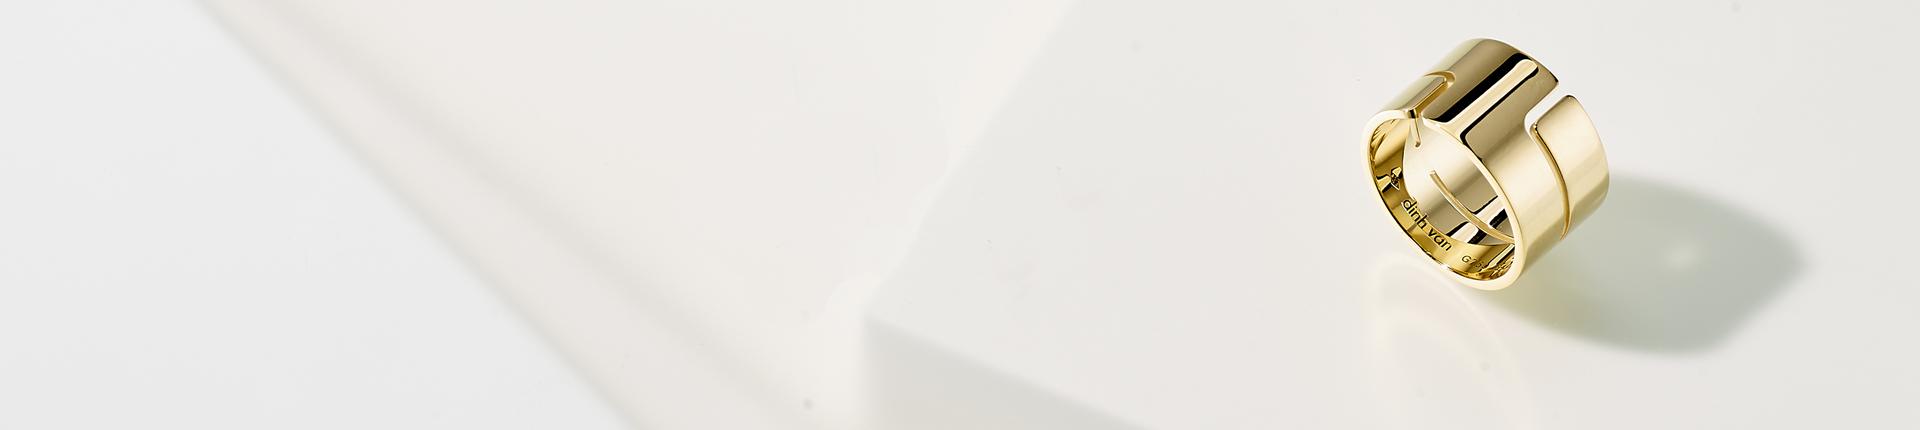 Bagues_Test.JPG